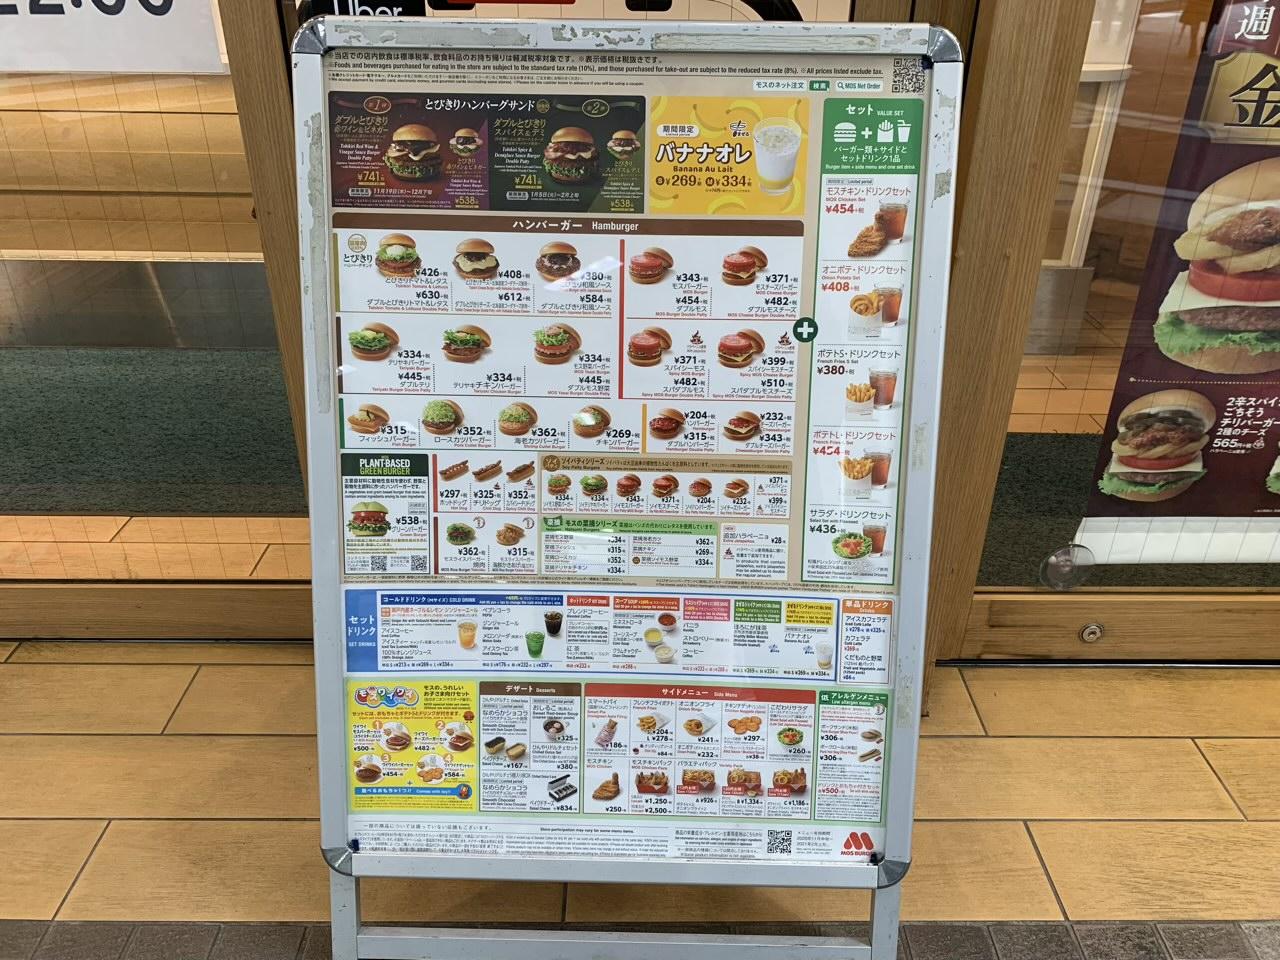 モスバーガー 松戸駅東口店のメニュー